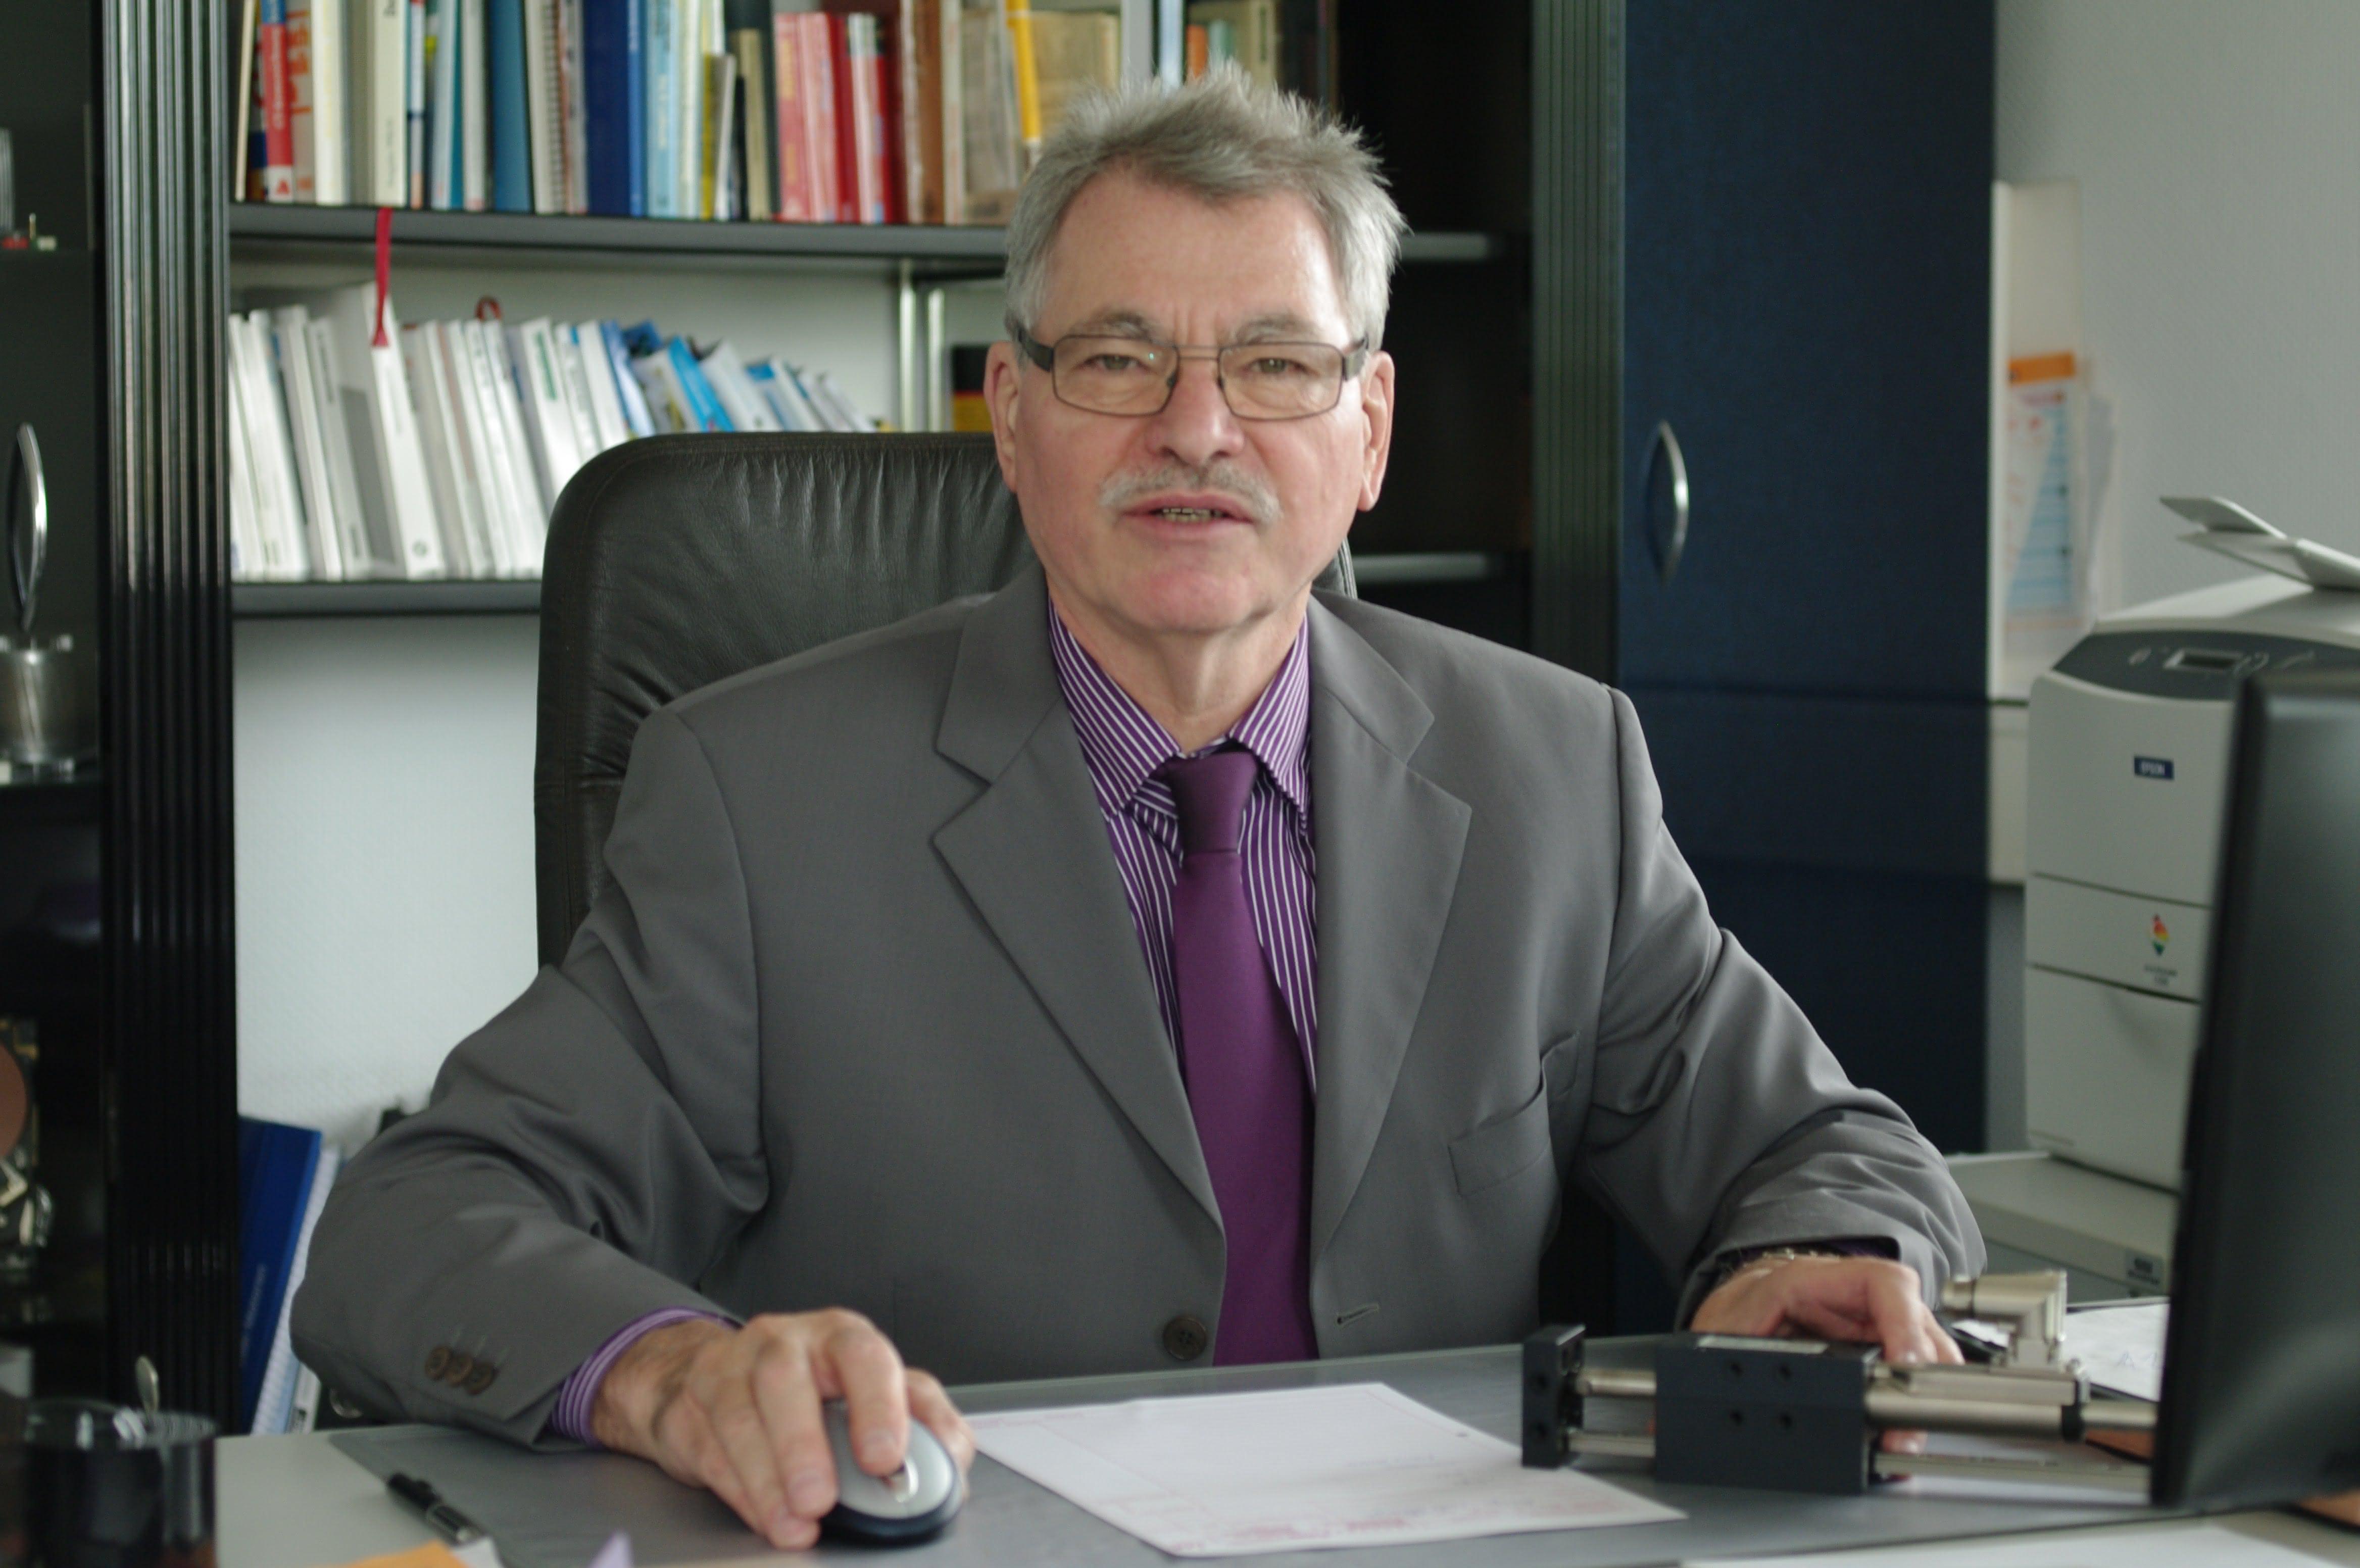 Jung im Jubiläums-Jahr:: Spezialist für Dynamik